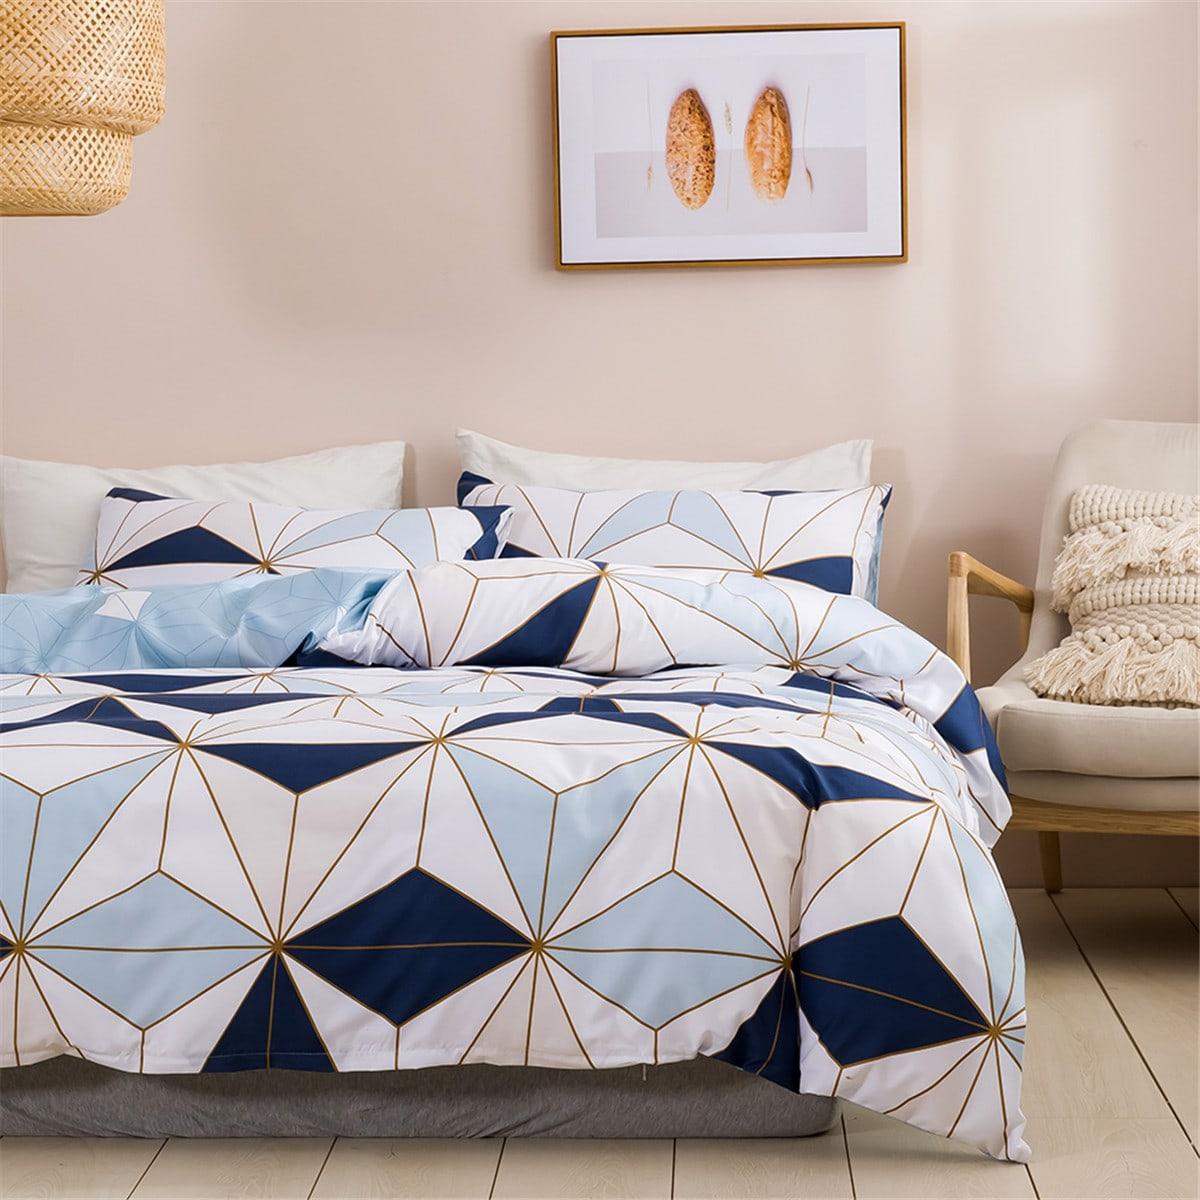 Комплект постельного белья с геометрическим узором без наполнителя